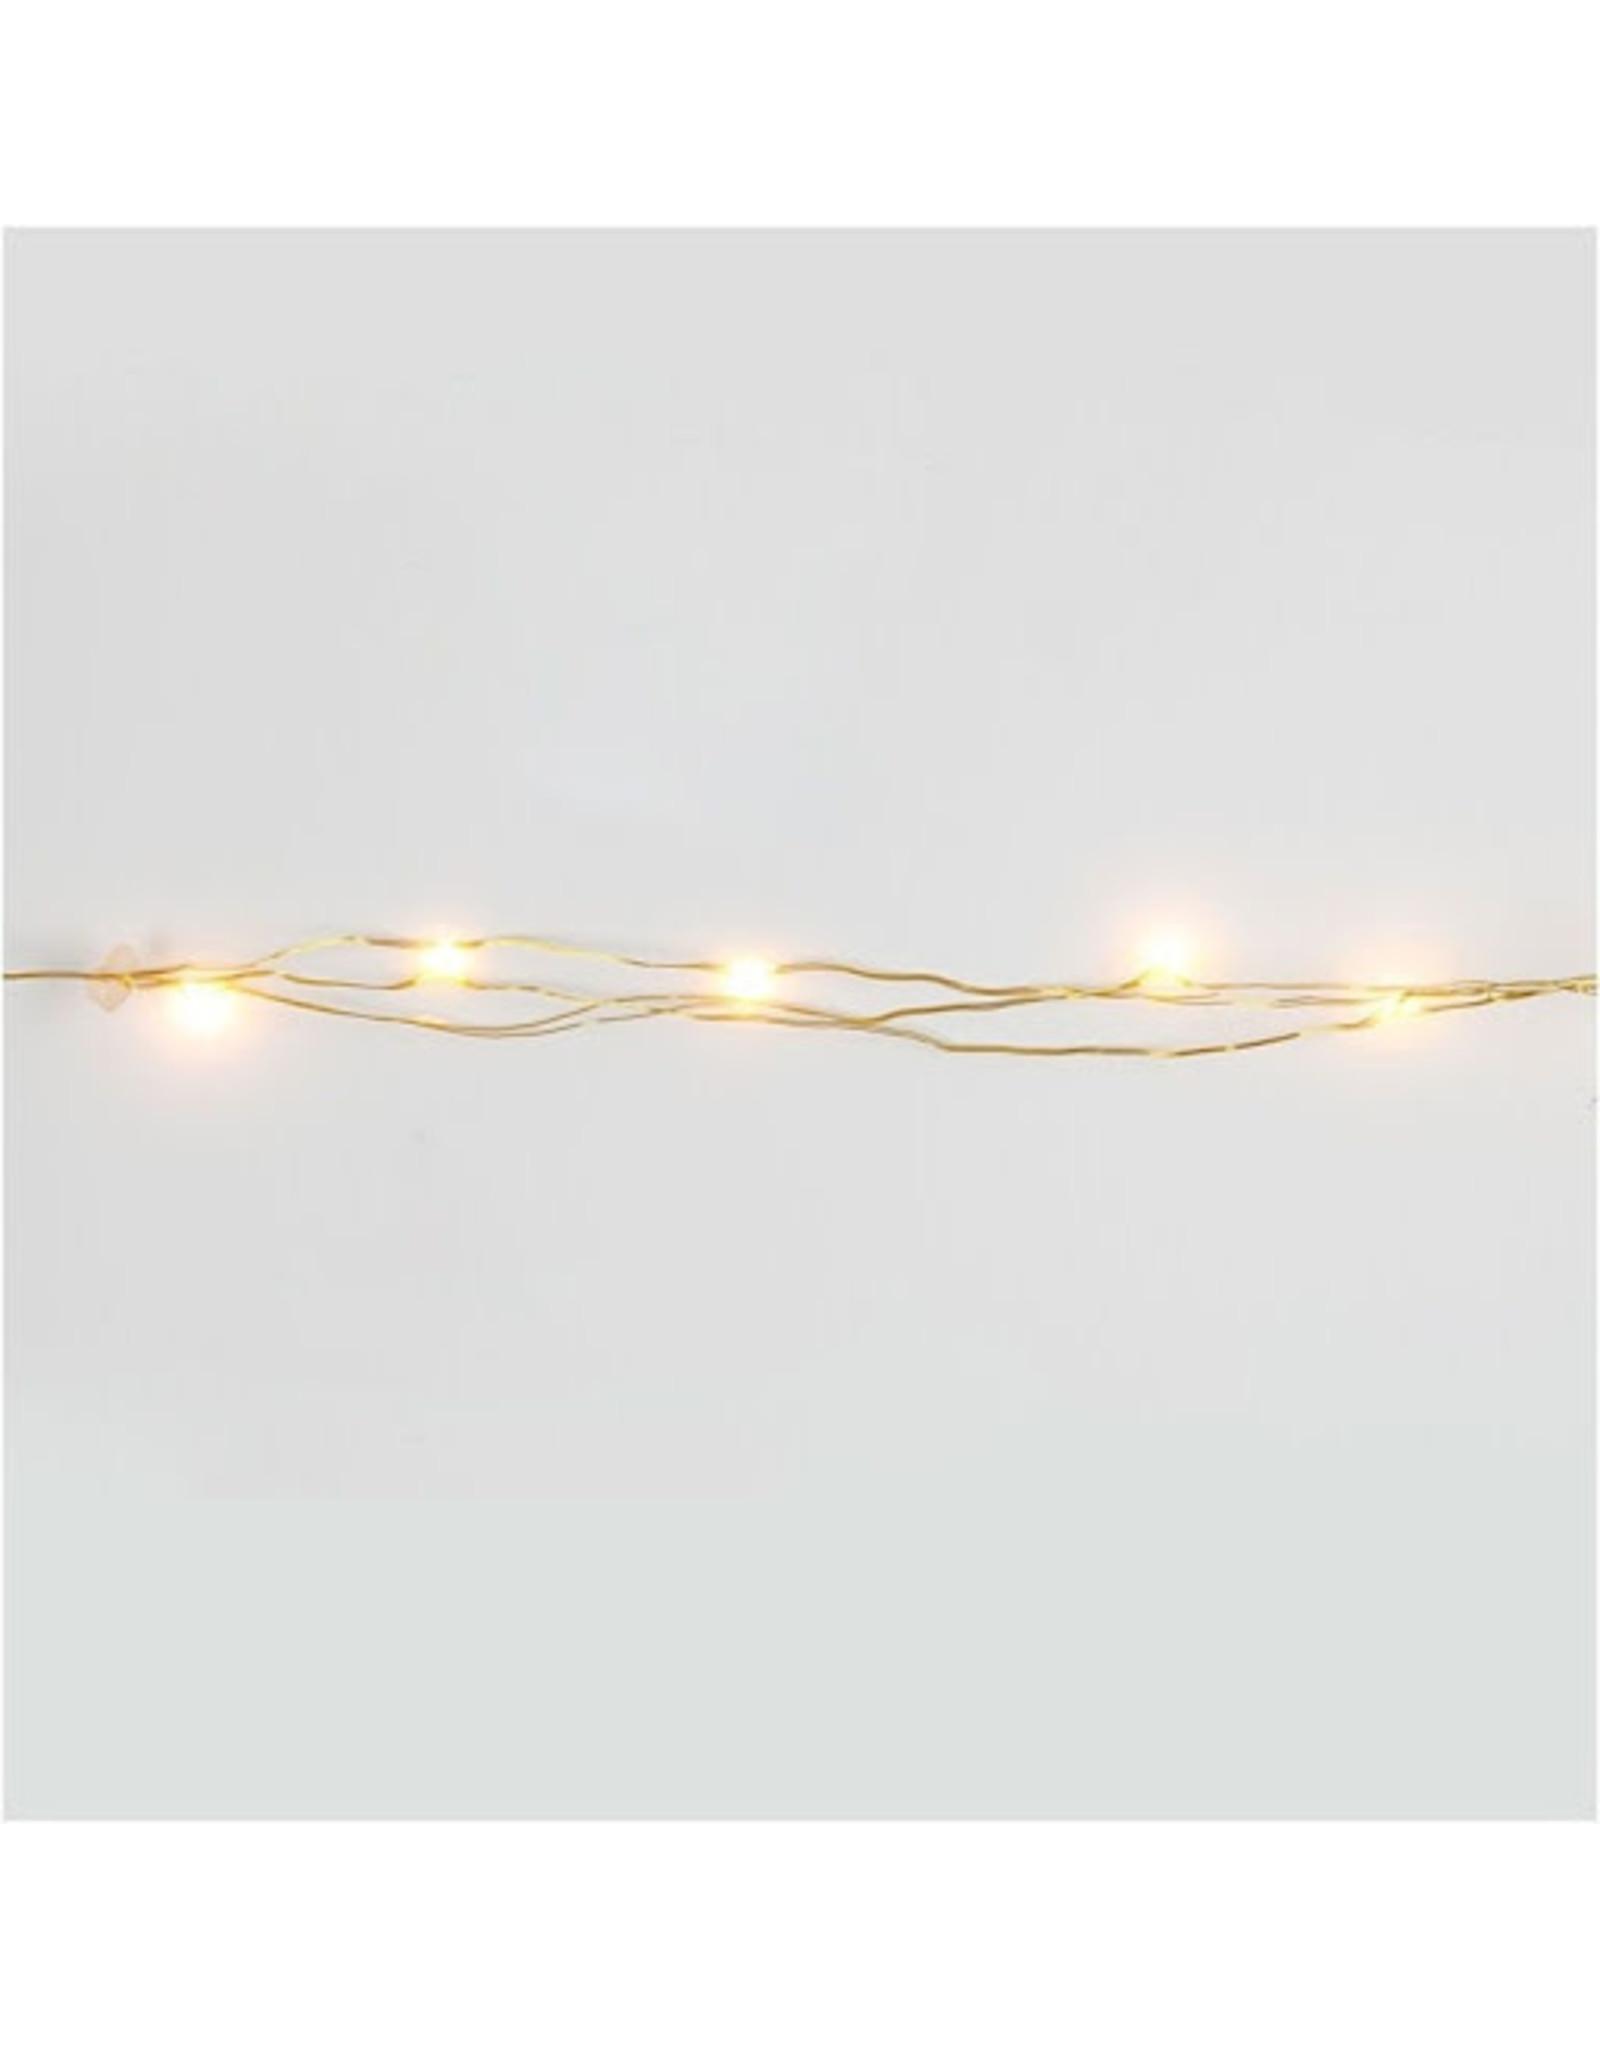 Vanremoortel Micro - LED | 20LED / 3.15m | Goud draad | strengverlichting | Warm Wit | Op batterijen